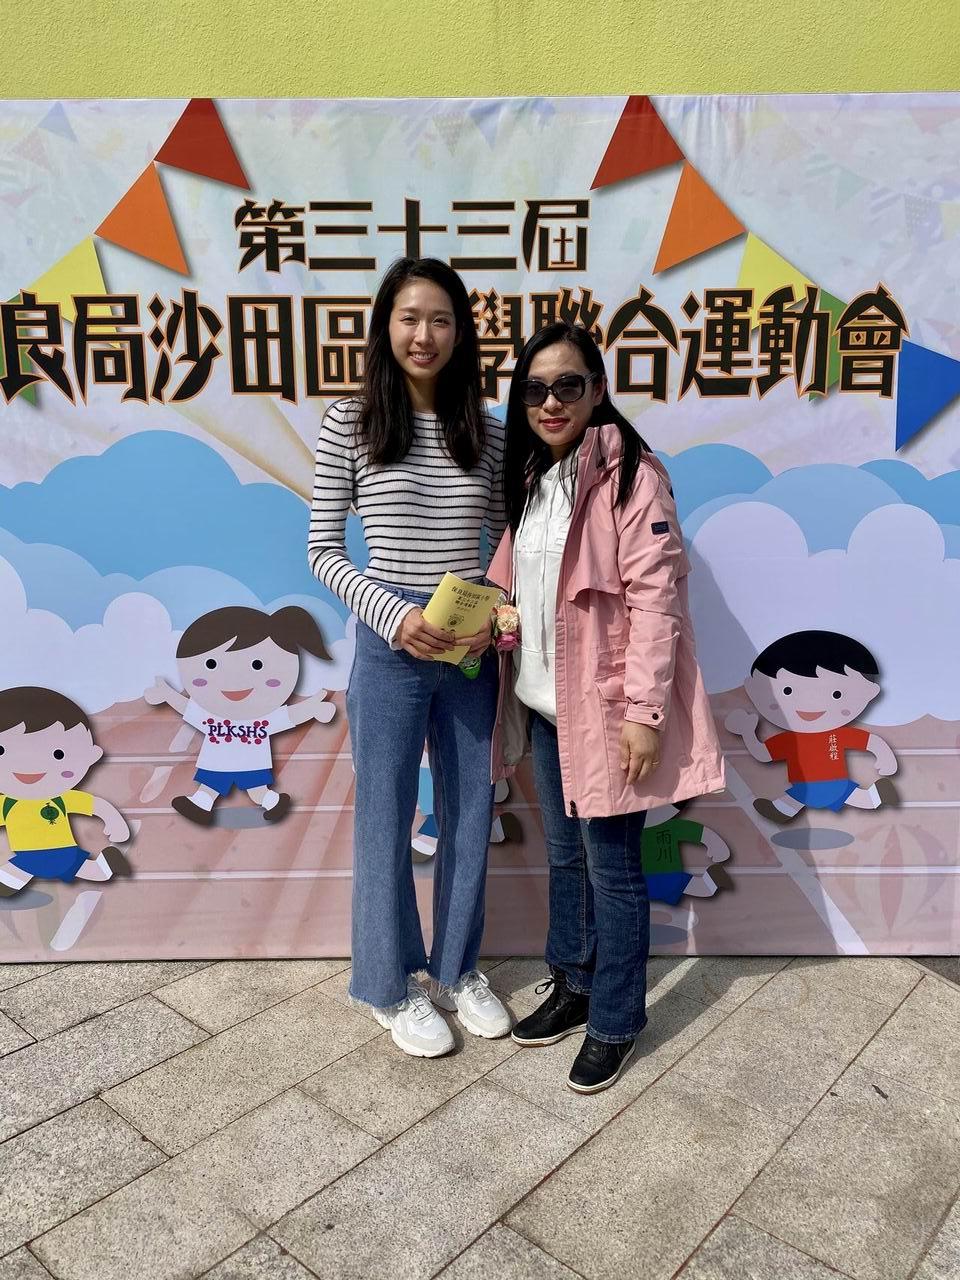 https://www.plkcjy.edu.hk/sites/default/files/img_8988_1.jpg